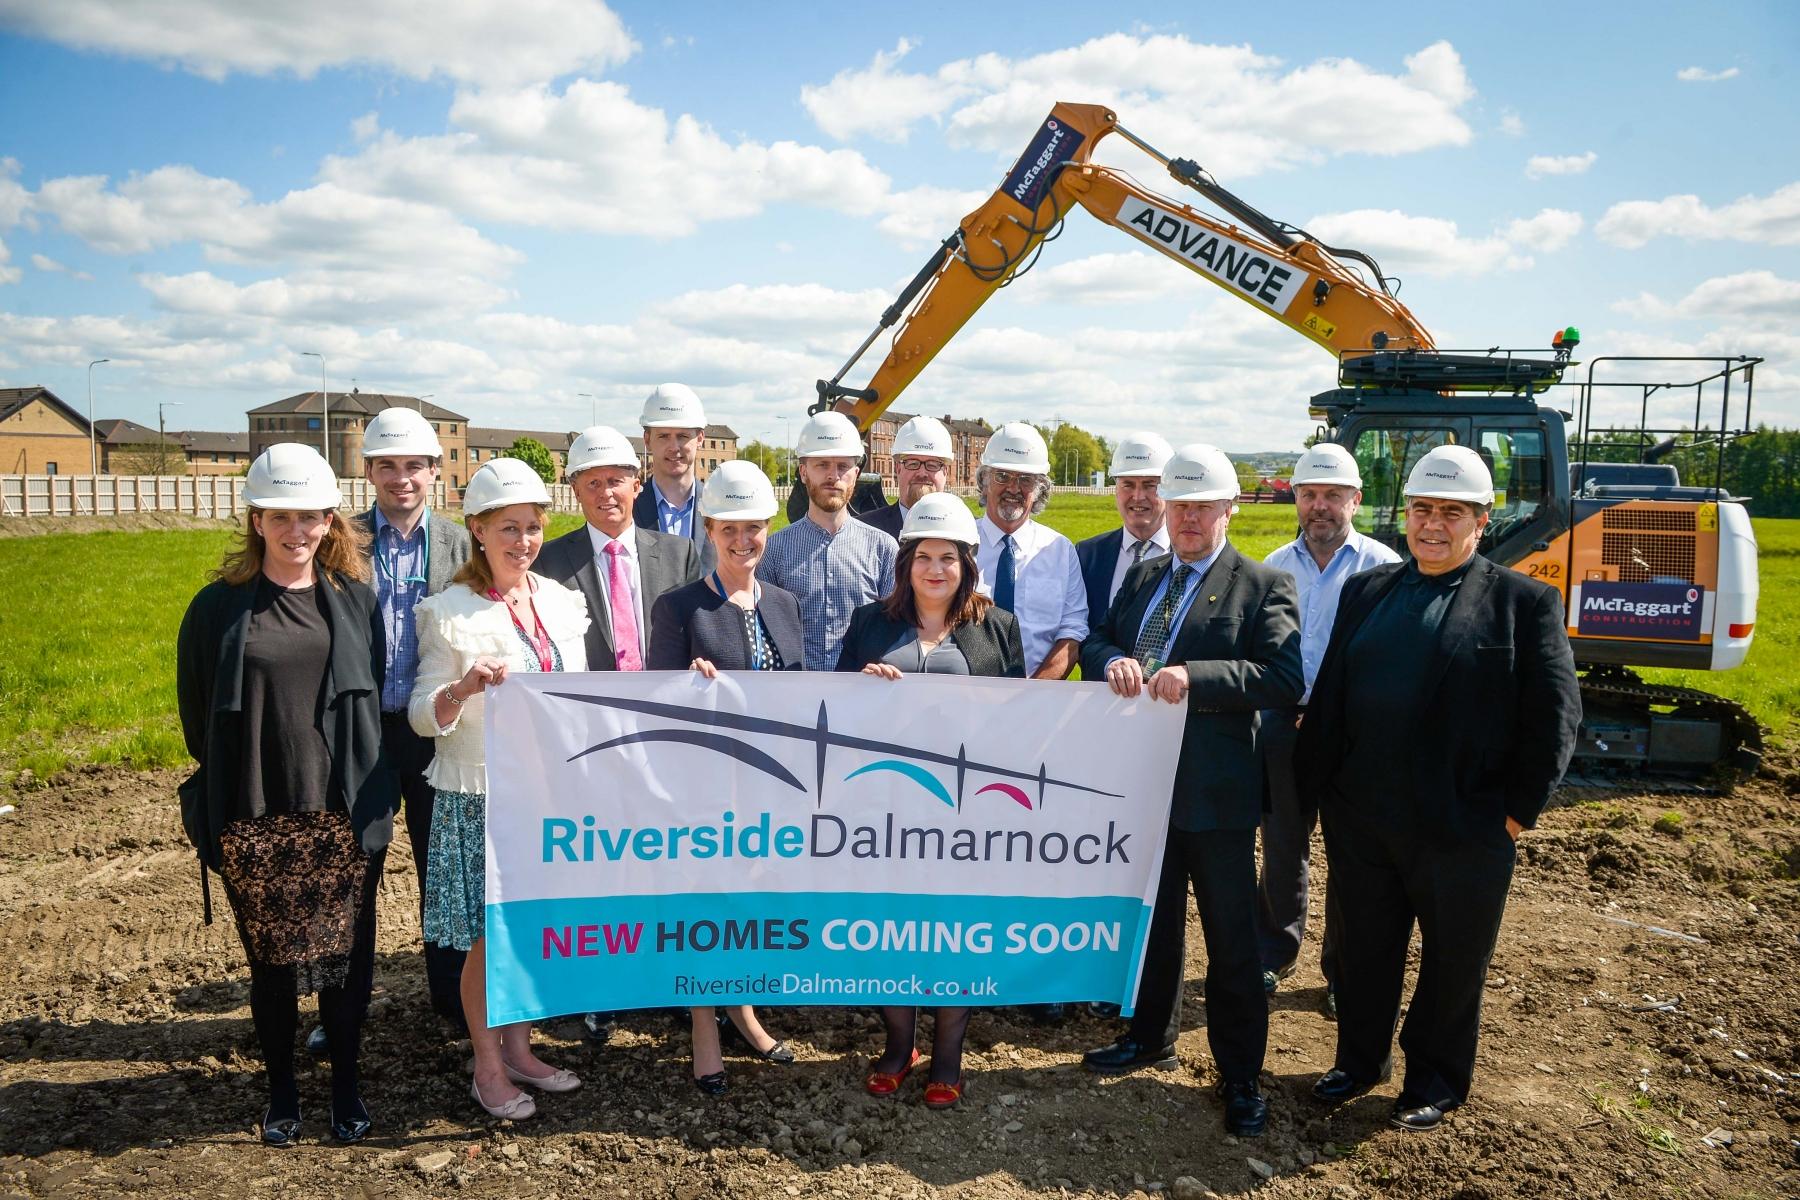 562 New Homes in Dalmarnock